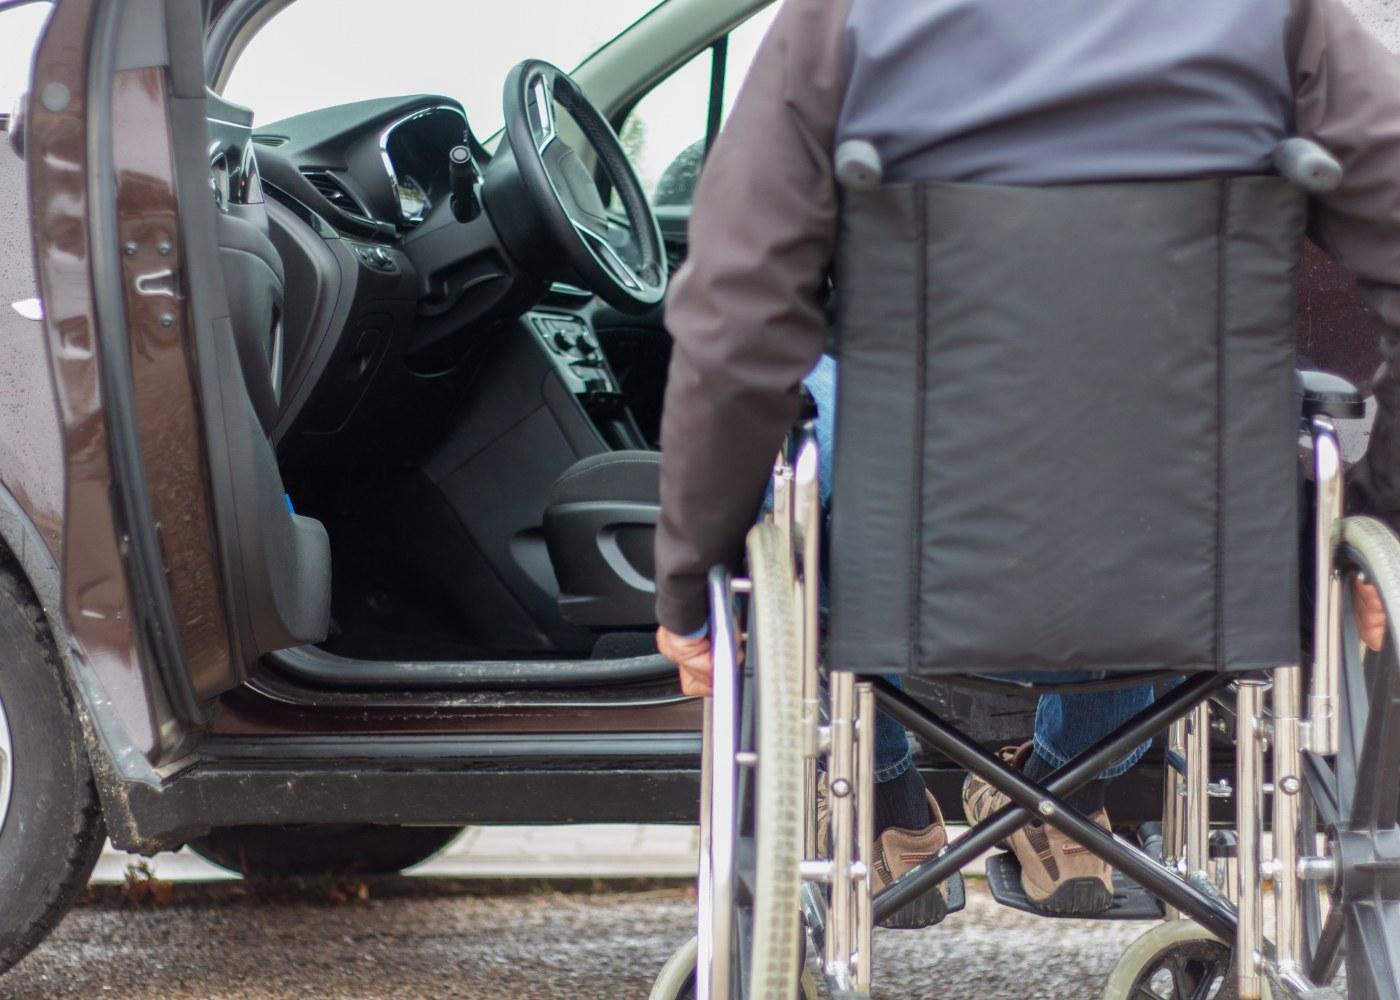 condutor de cadeira de rodas a entrar para carro adaptado